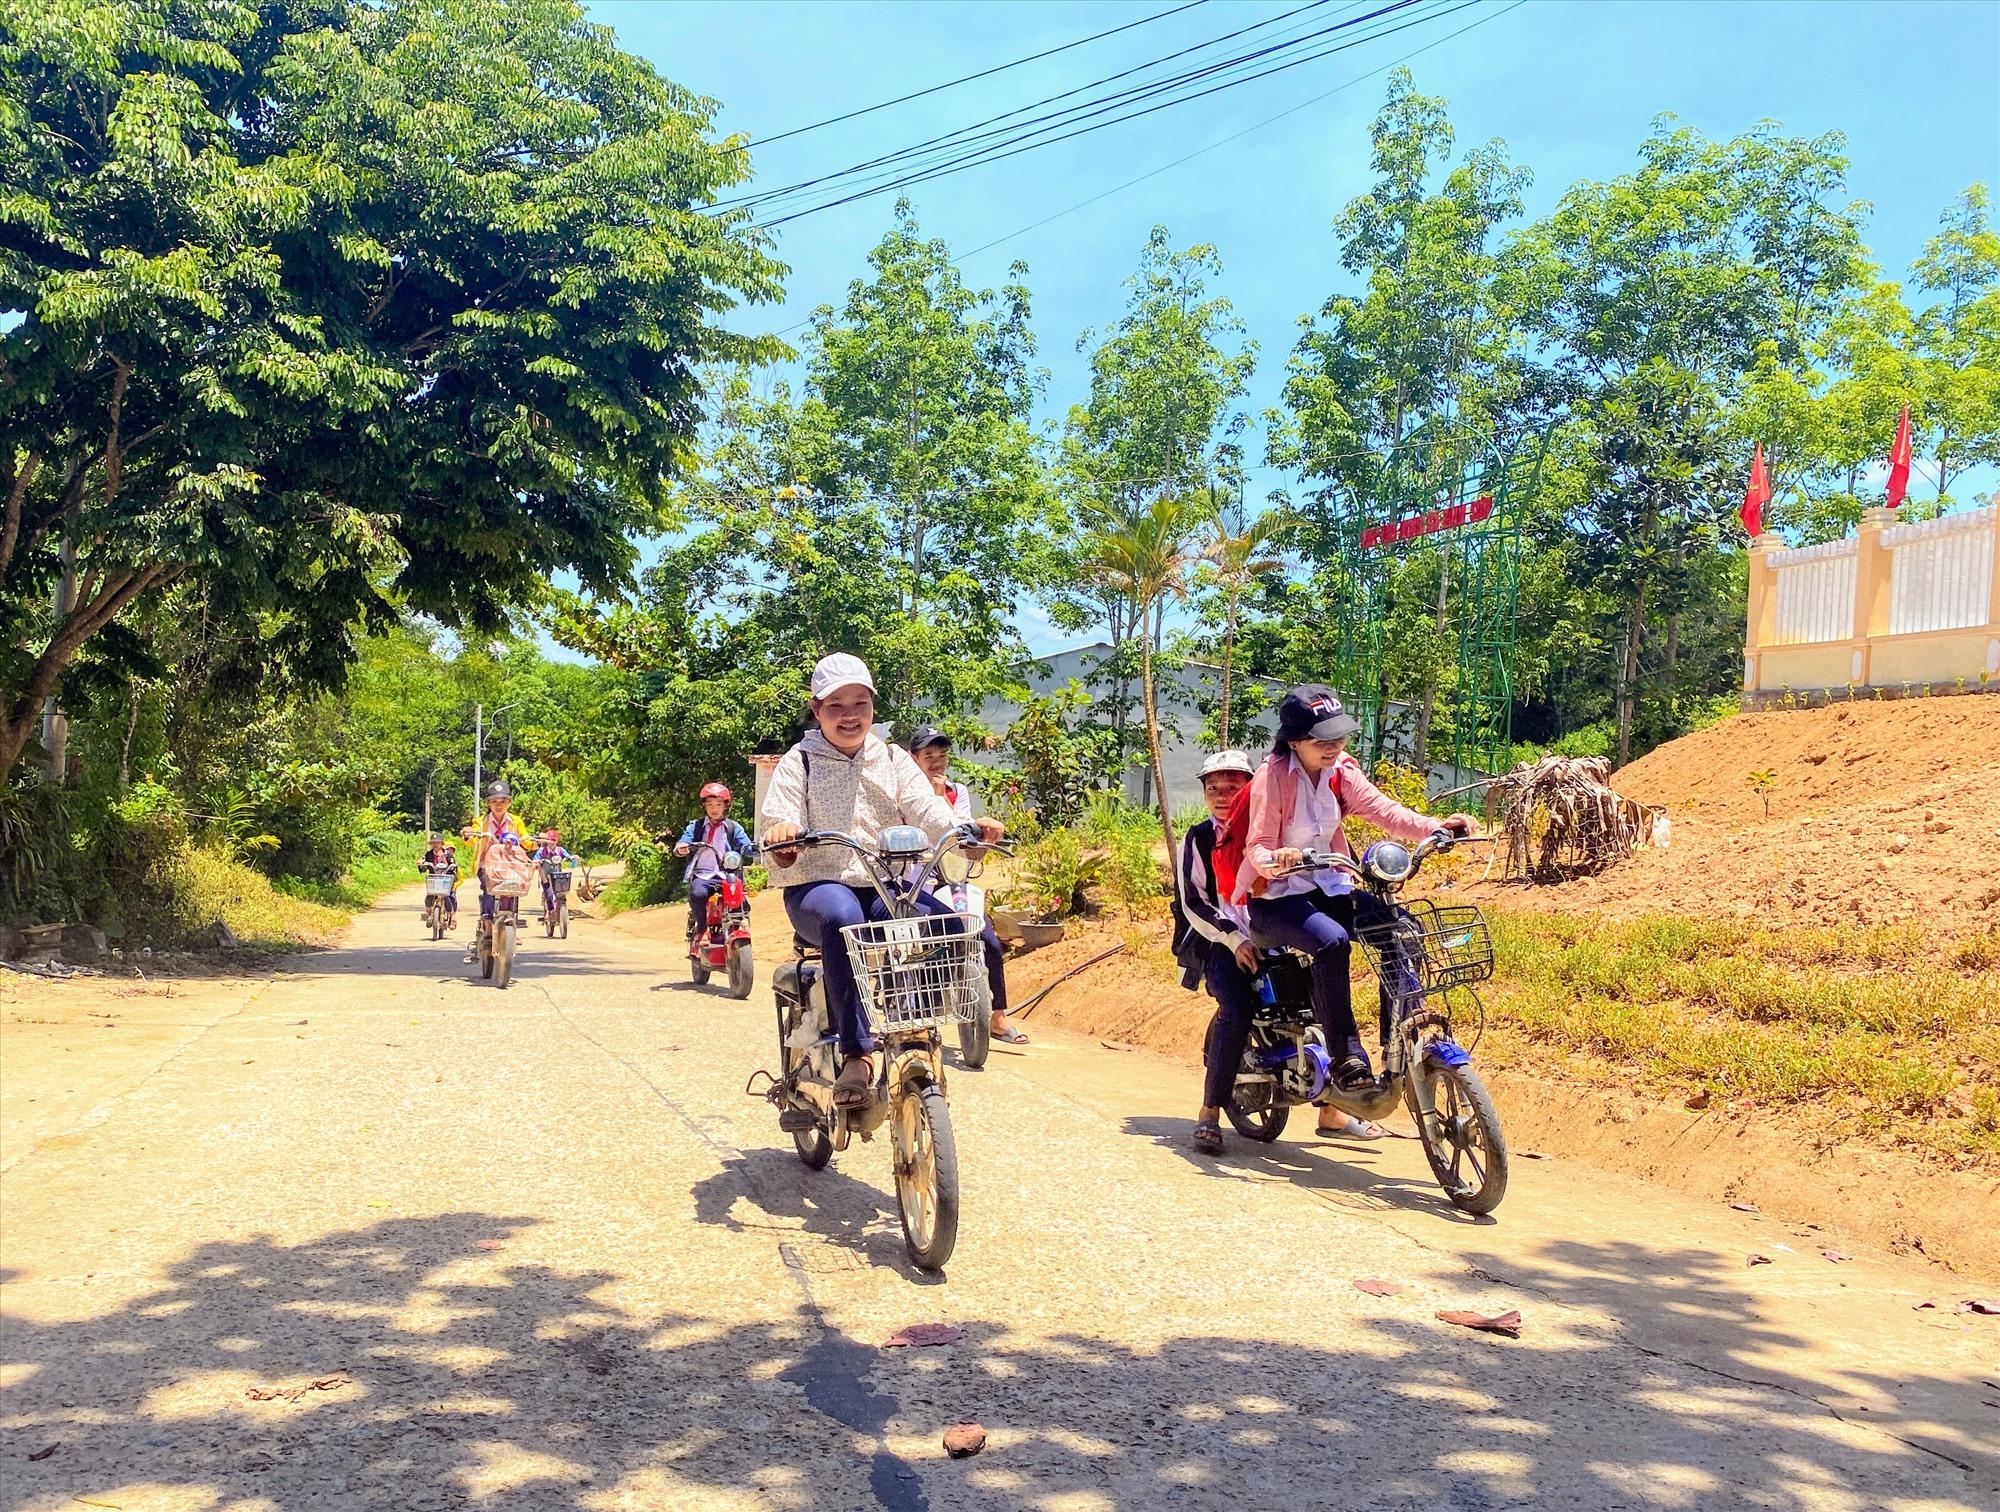 Trẻ em Bình Sơn đi học từ đường nông thôn mới. Ảnh: TẤN SỸ